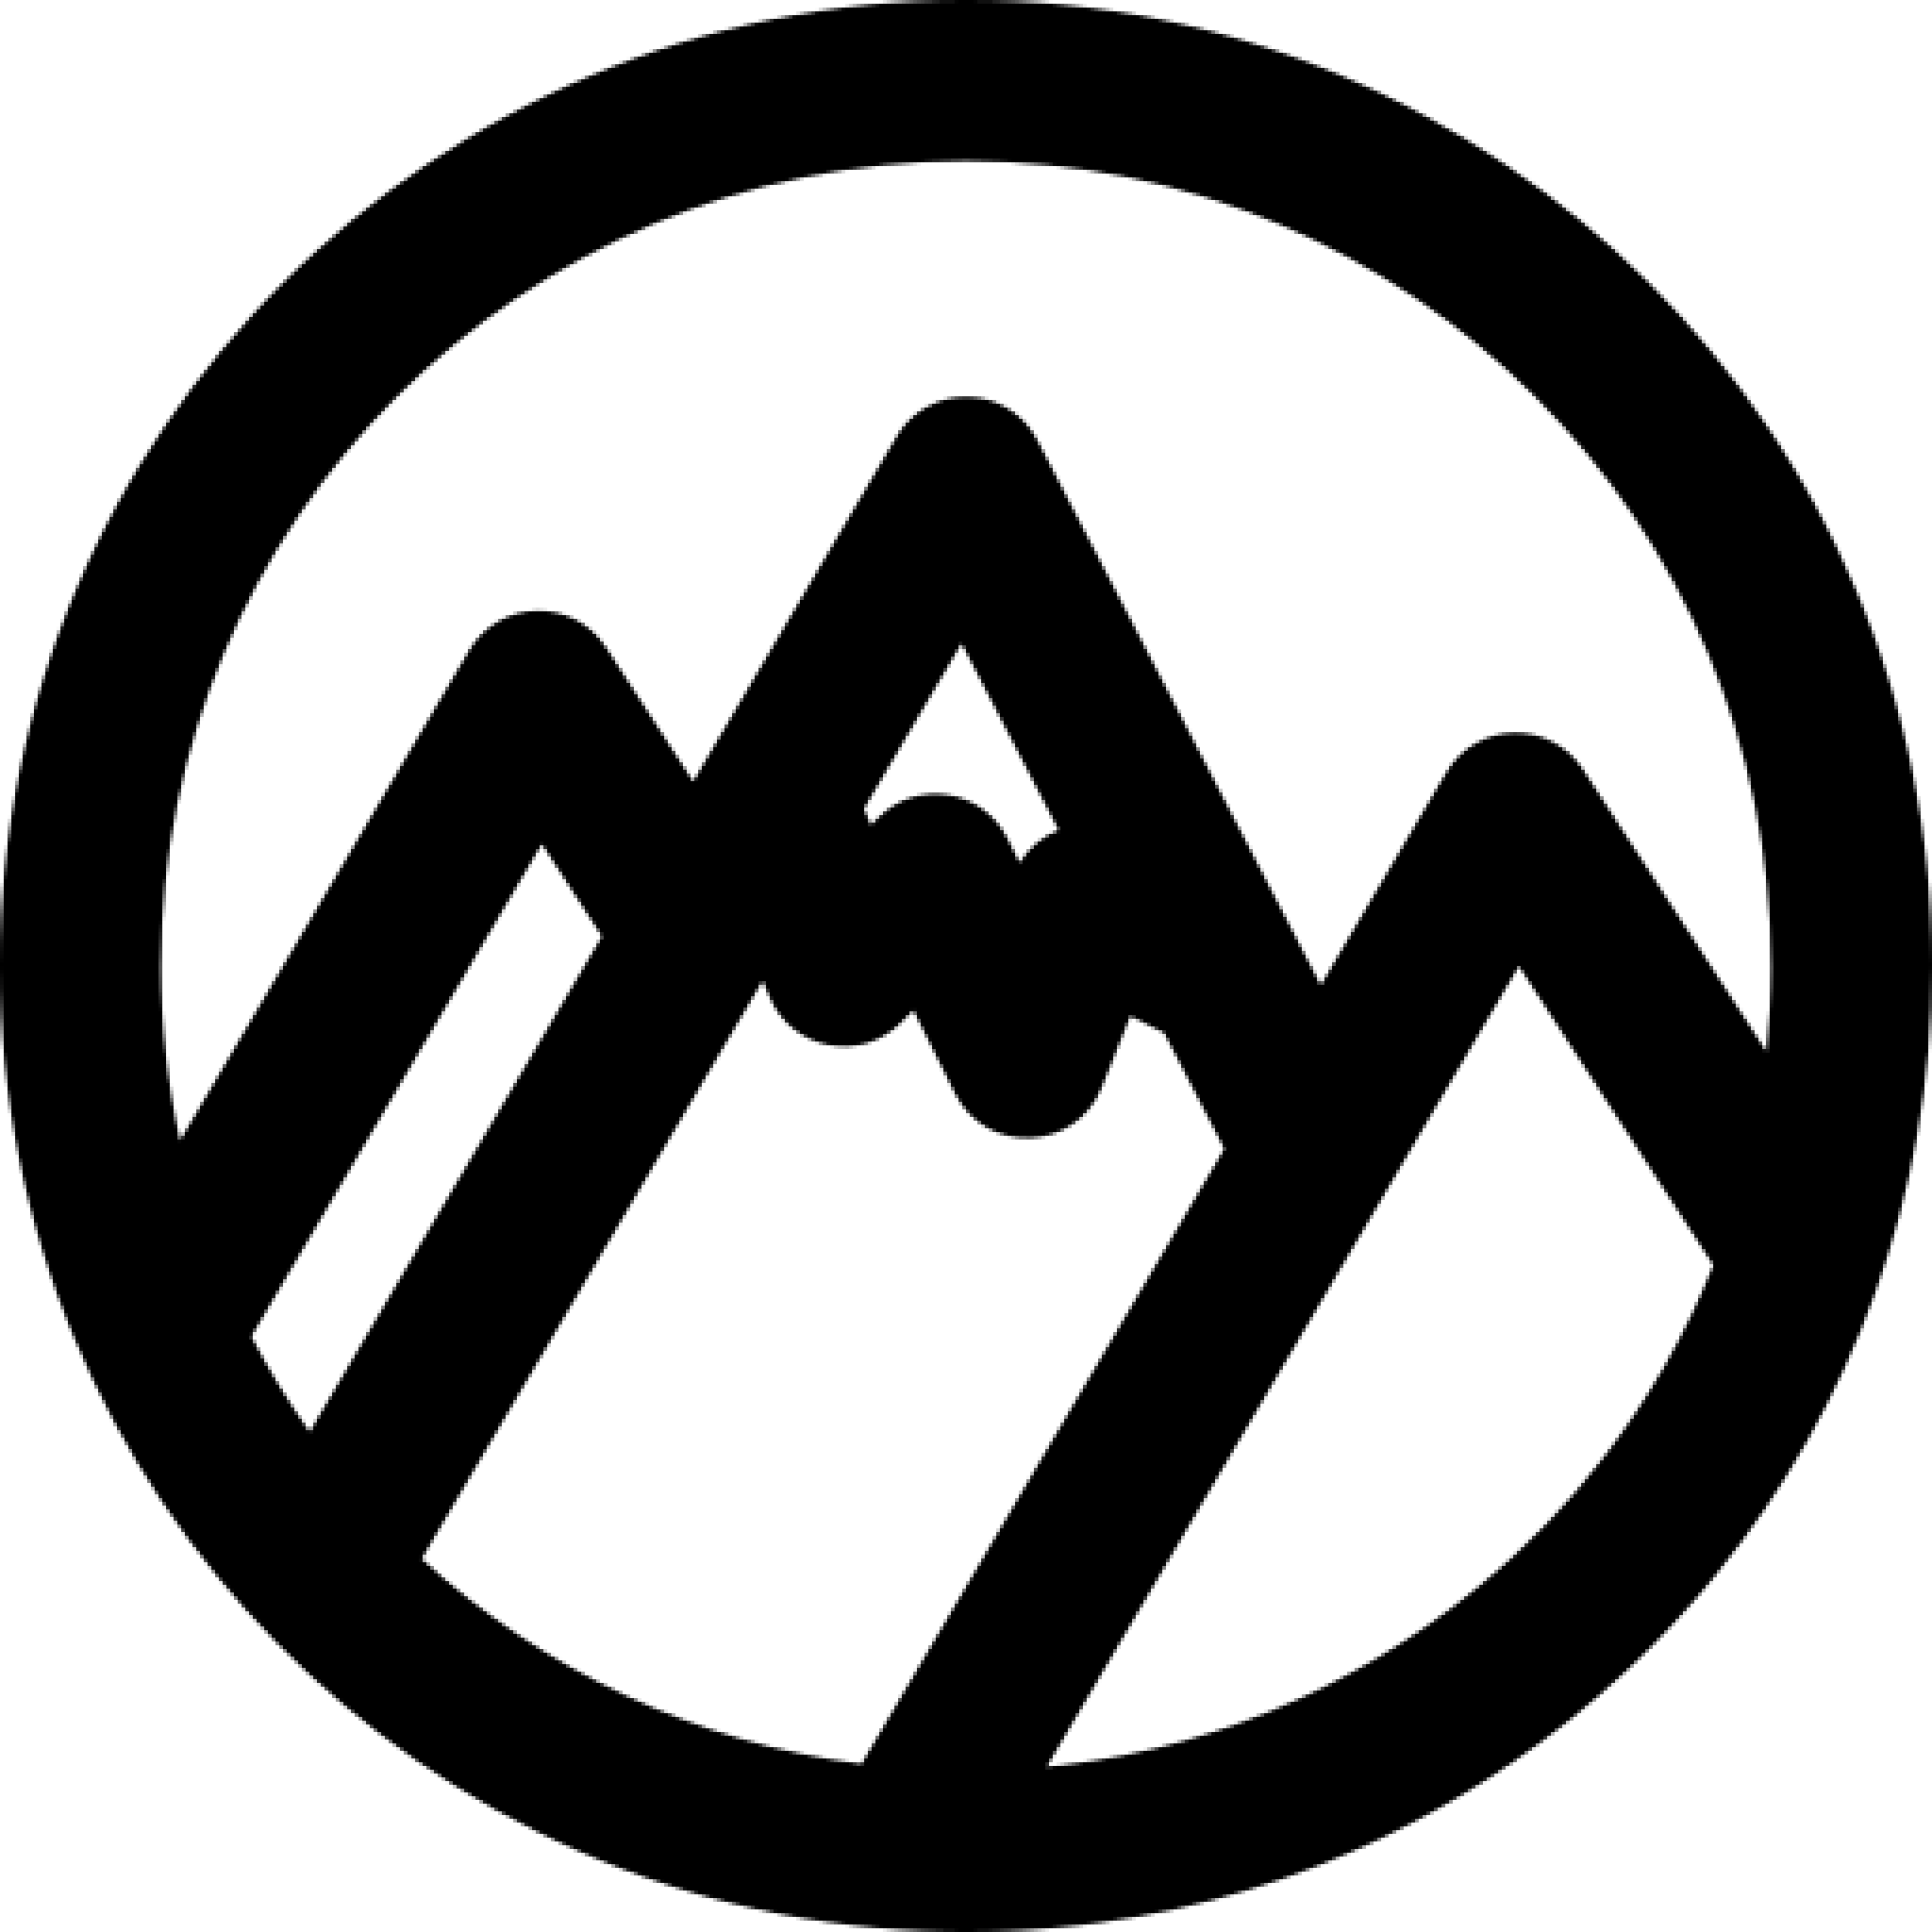 Vklzeebyrjwdviuomcj1